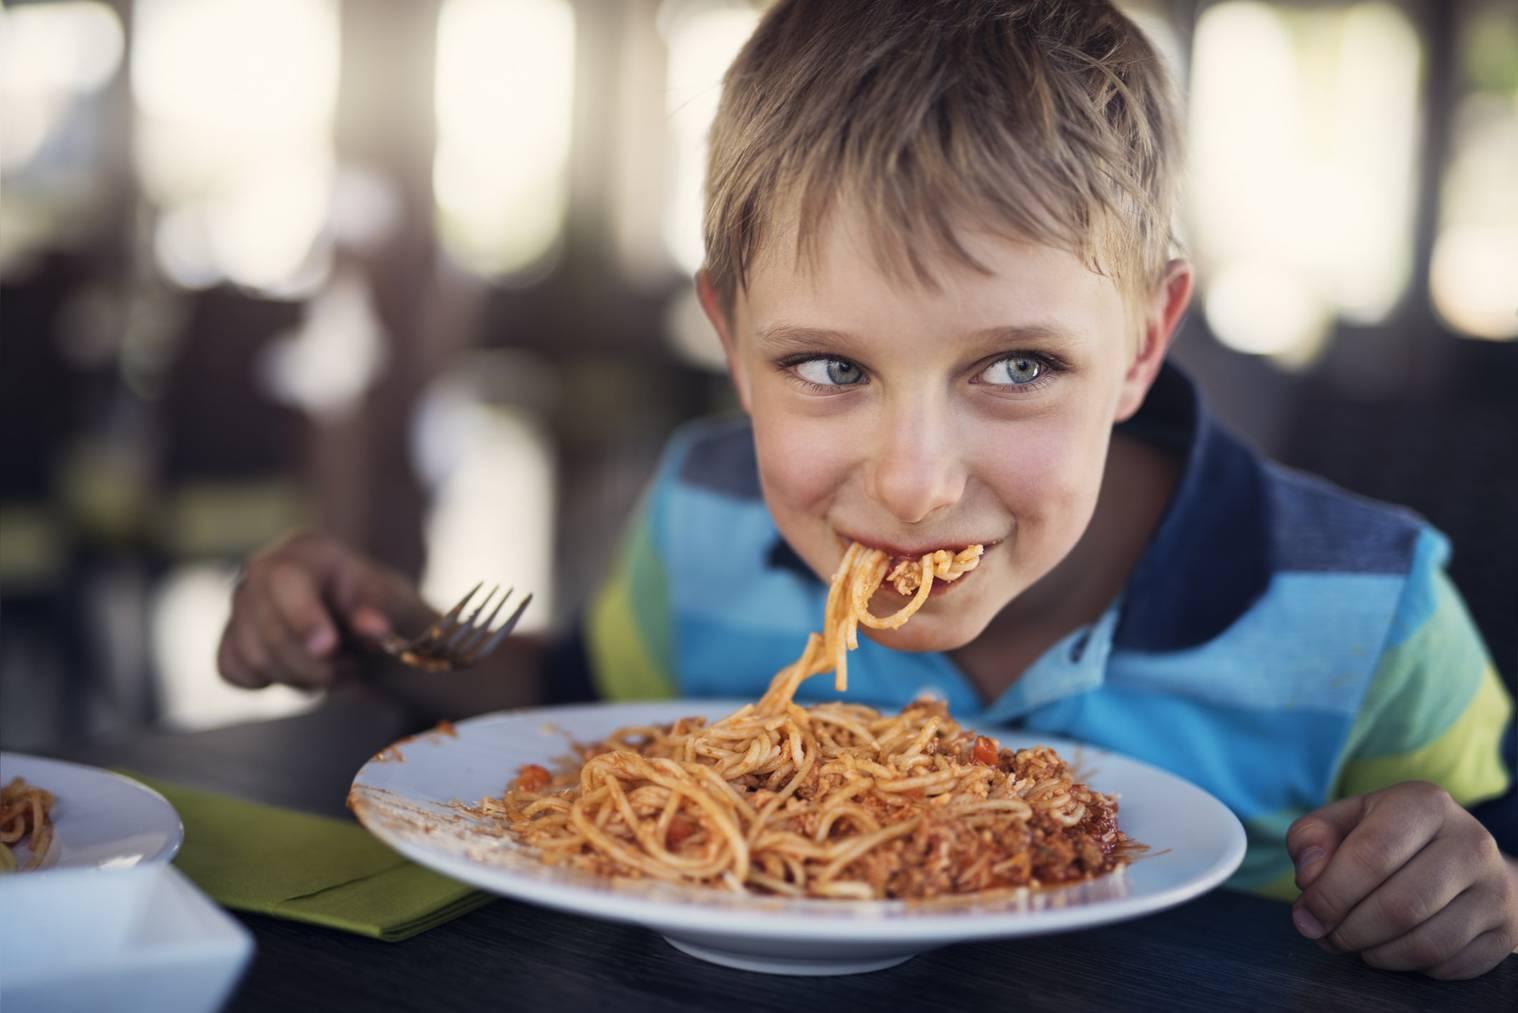 Am liebsten gehen Familien zum Italiener, da dieser am familienfreundlichsten sei. (Bild: iStock)